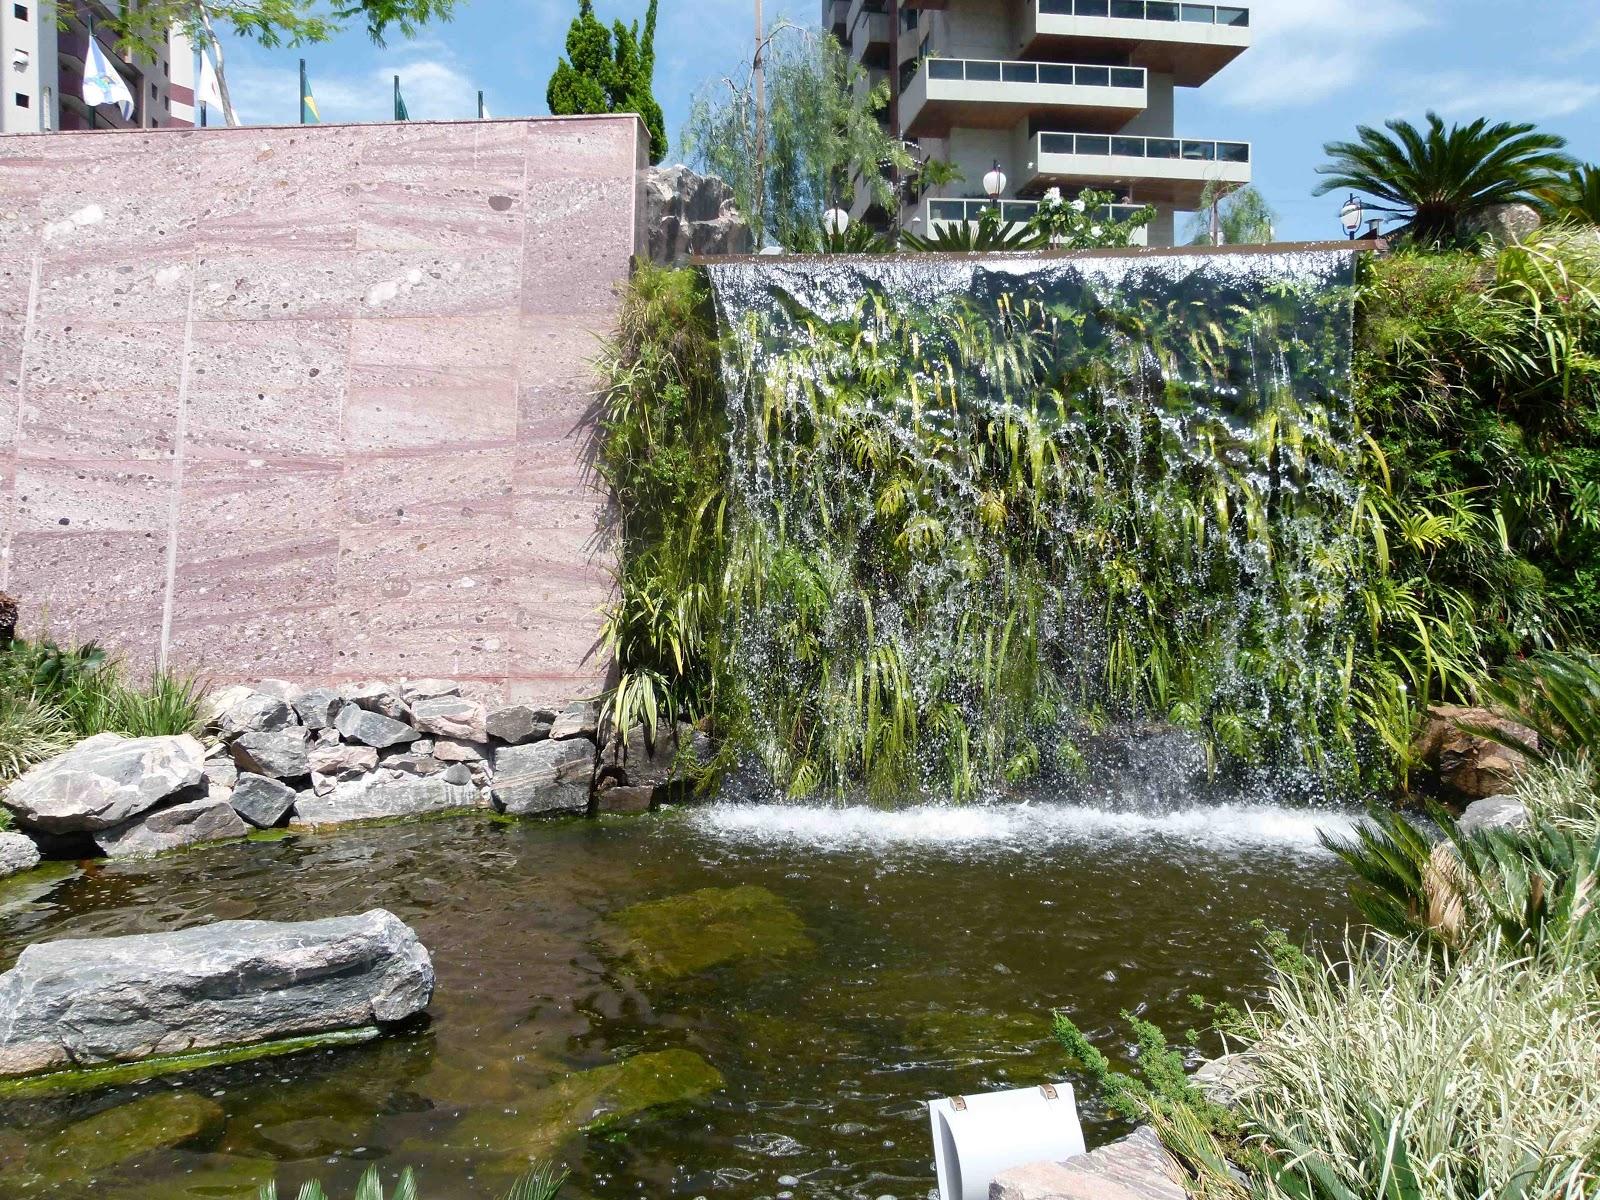 banco de jardim em fortaleza: Campistas: Av. Beira Mar e Jardim  #2A6BA1 1600x1200